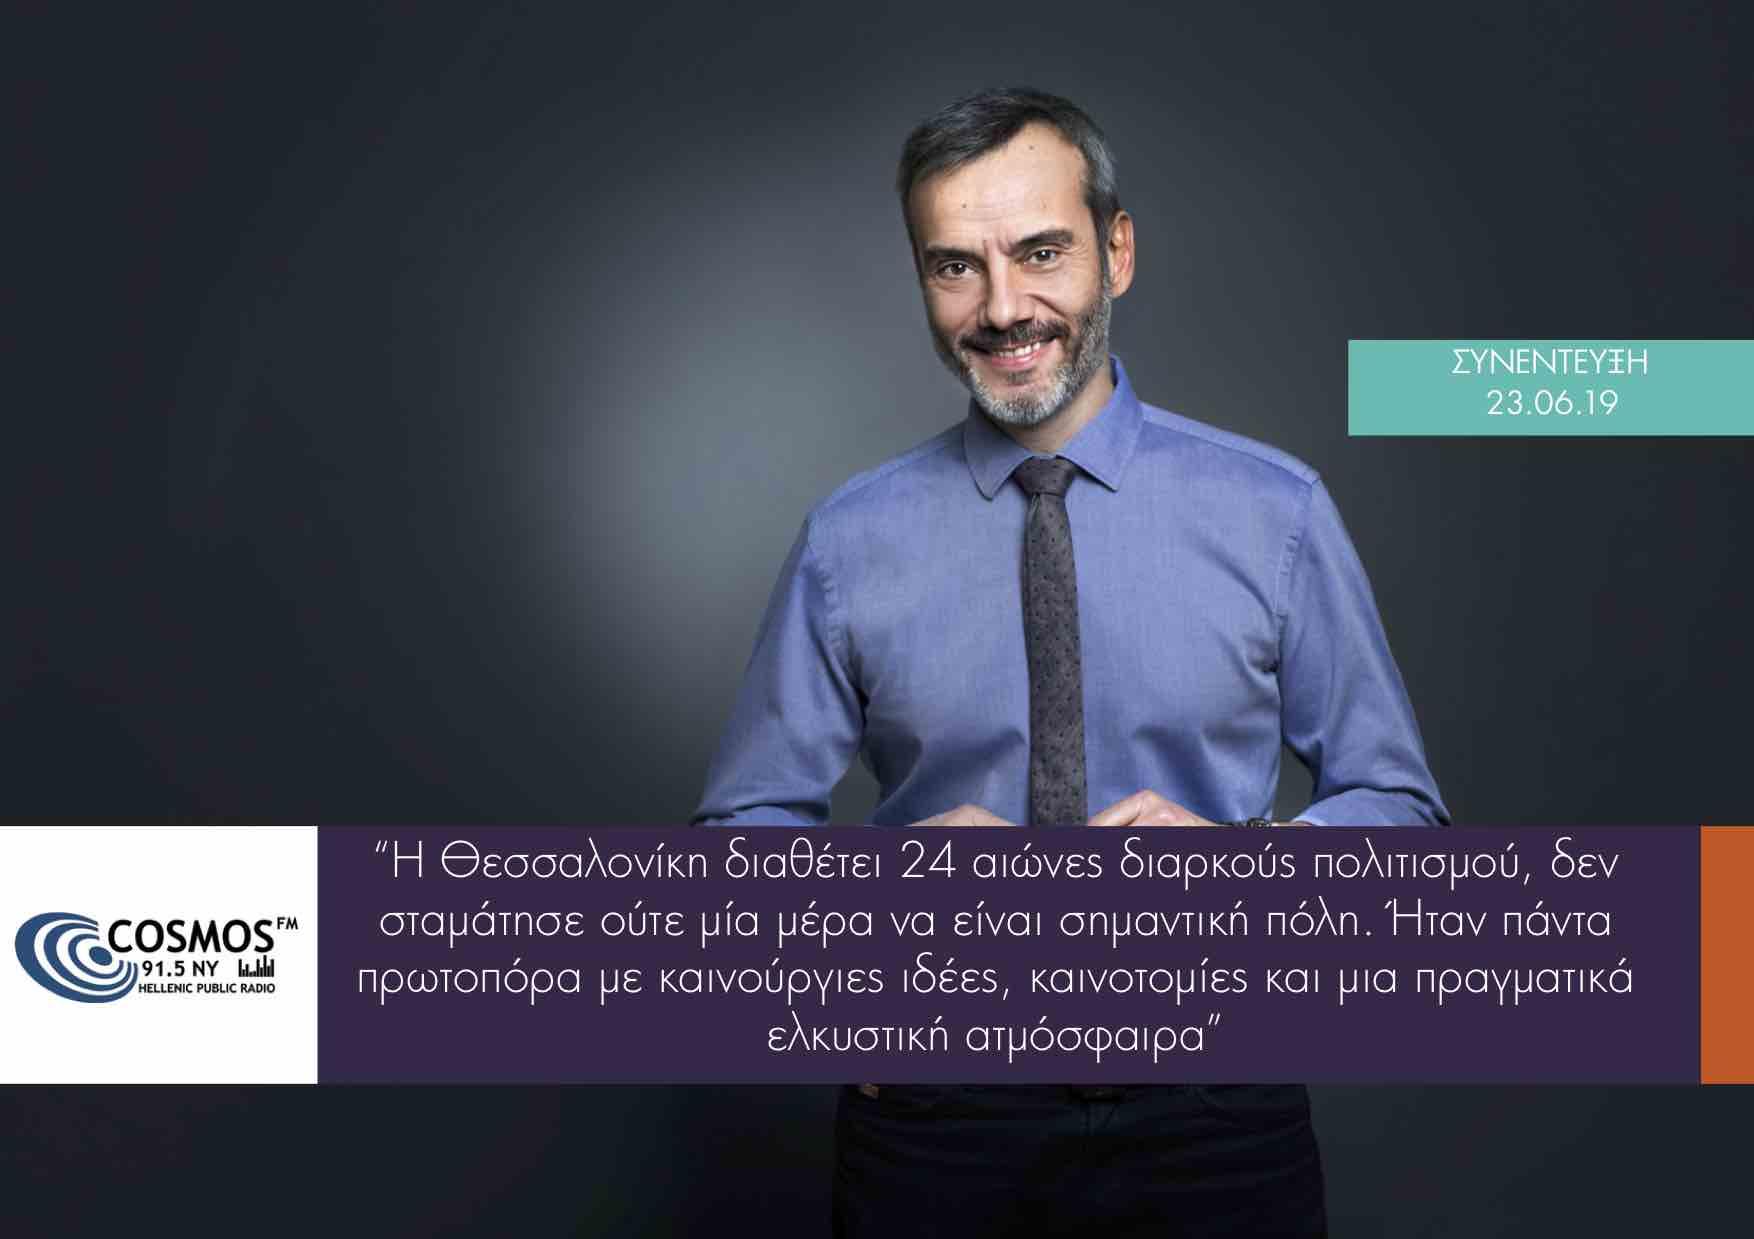 Συνέντευξη στο ελληνικό ραδιόφωνο COSMOS FM 91,5 New York